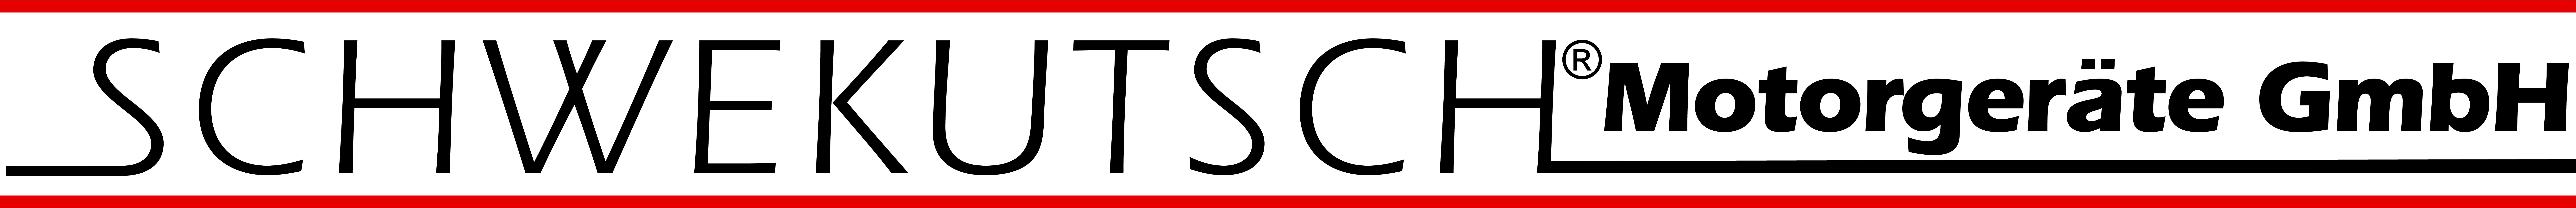 Schwekutsch Motorgeräte GmbH